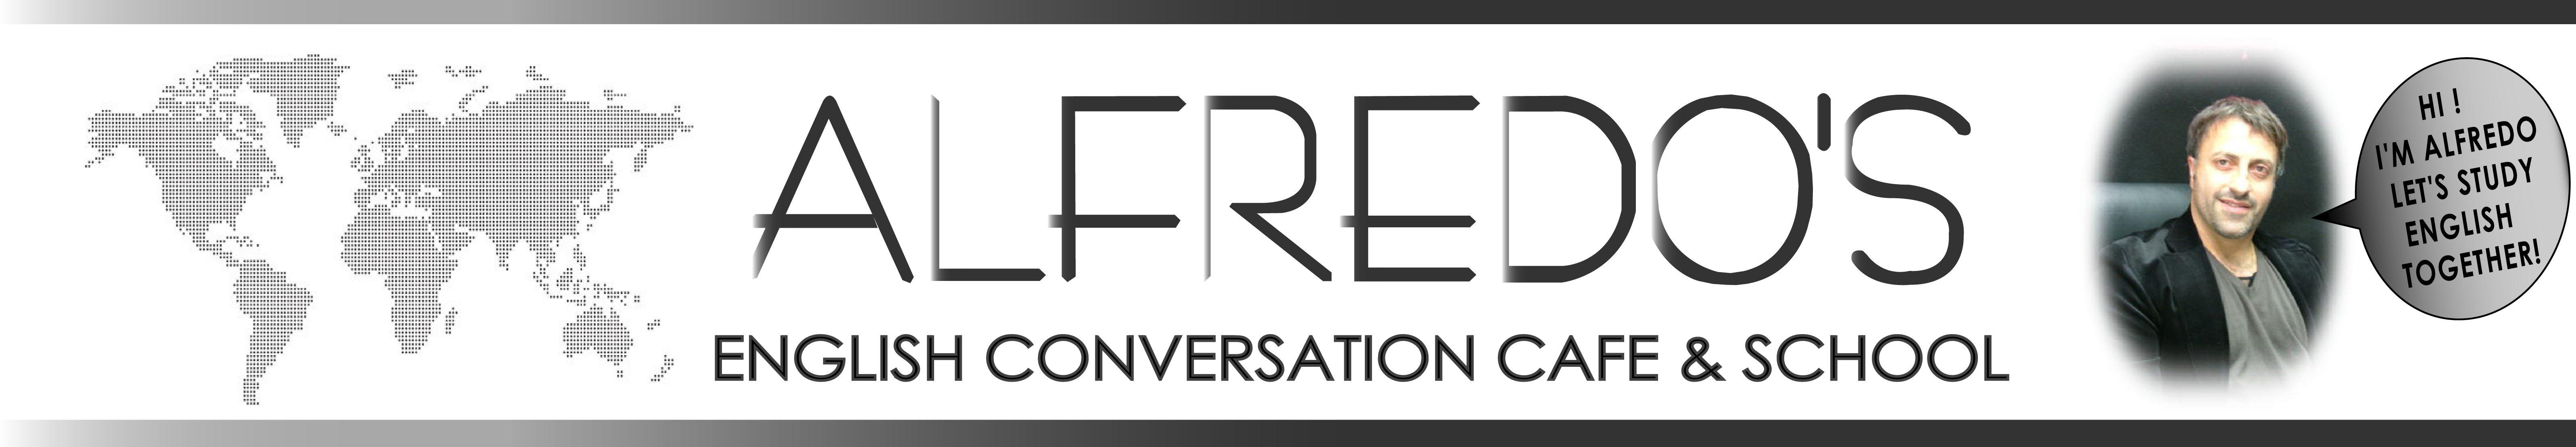 大阪市西区の英会話カフェ&スクールALFREDO'S ENGLISH CONVERSATION CAFE &SHOOL